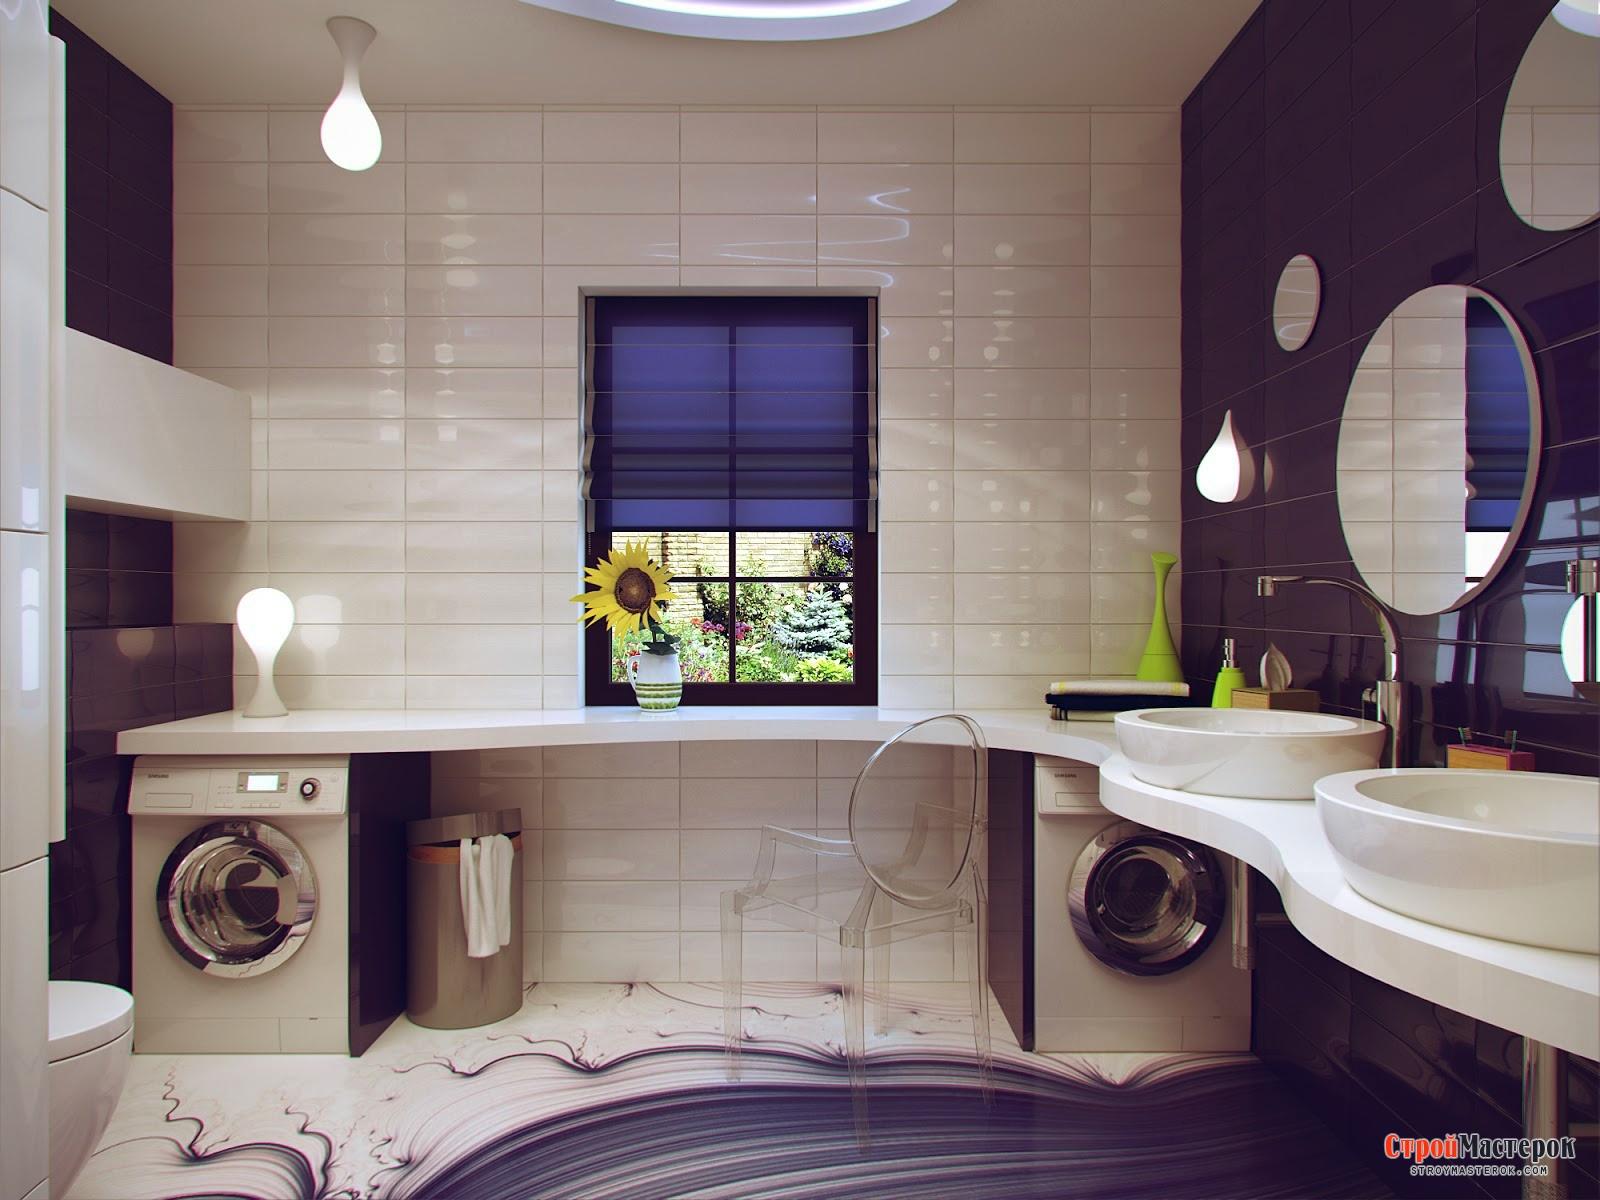 Дизайн ванной комнаты фото 2016 современные идеи фото